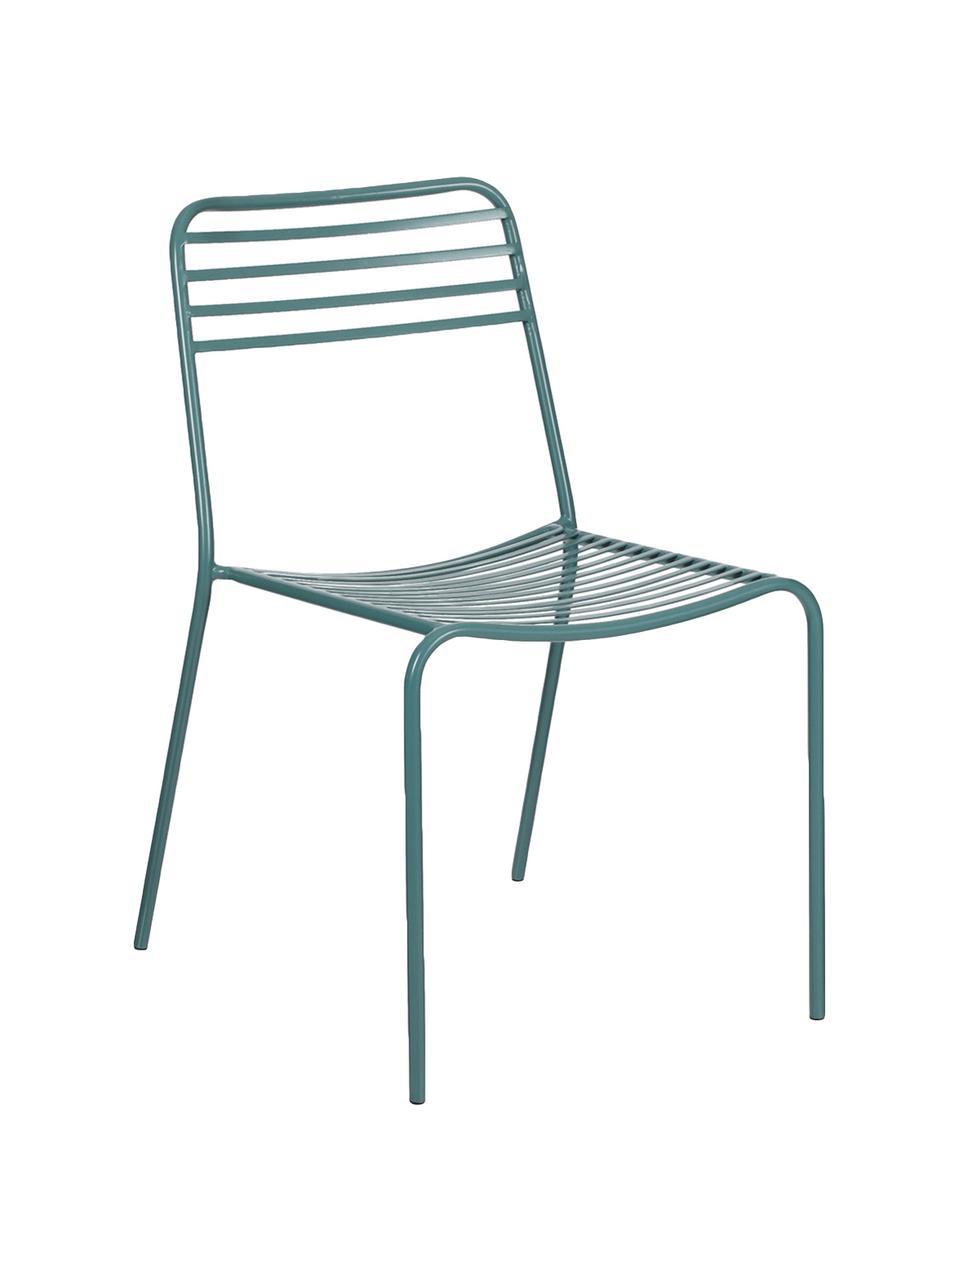 Kovová balkonová židle Tula, 2 ks, Zelená